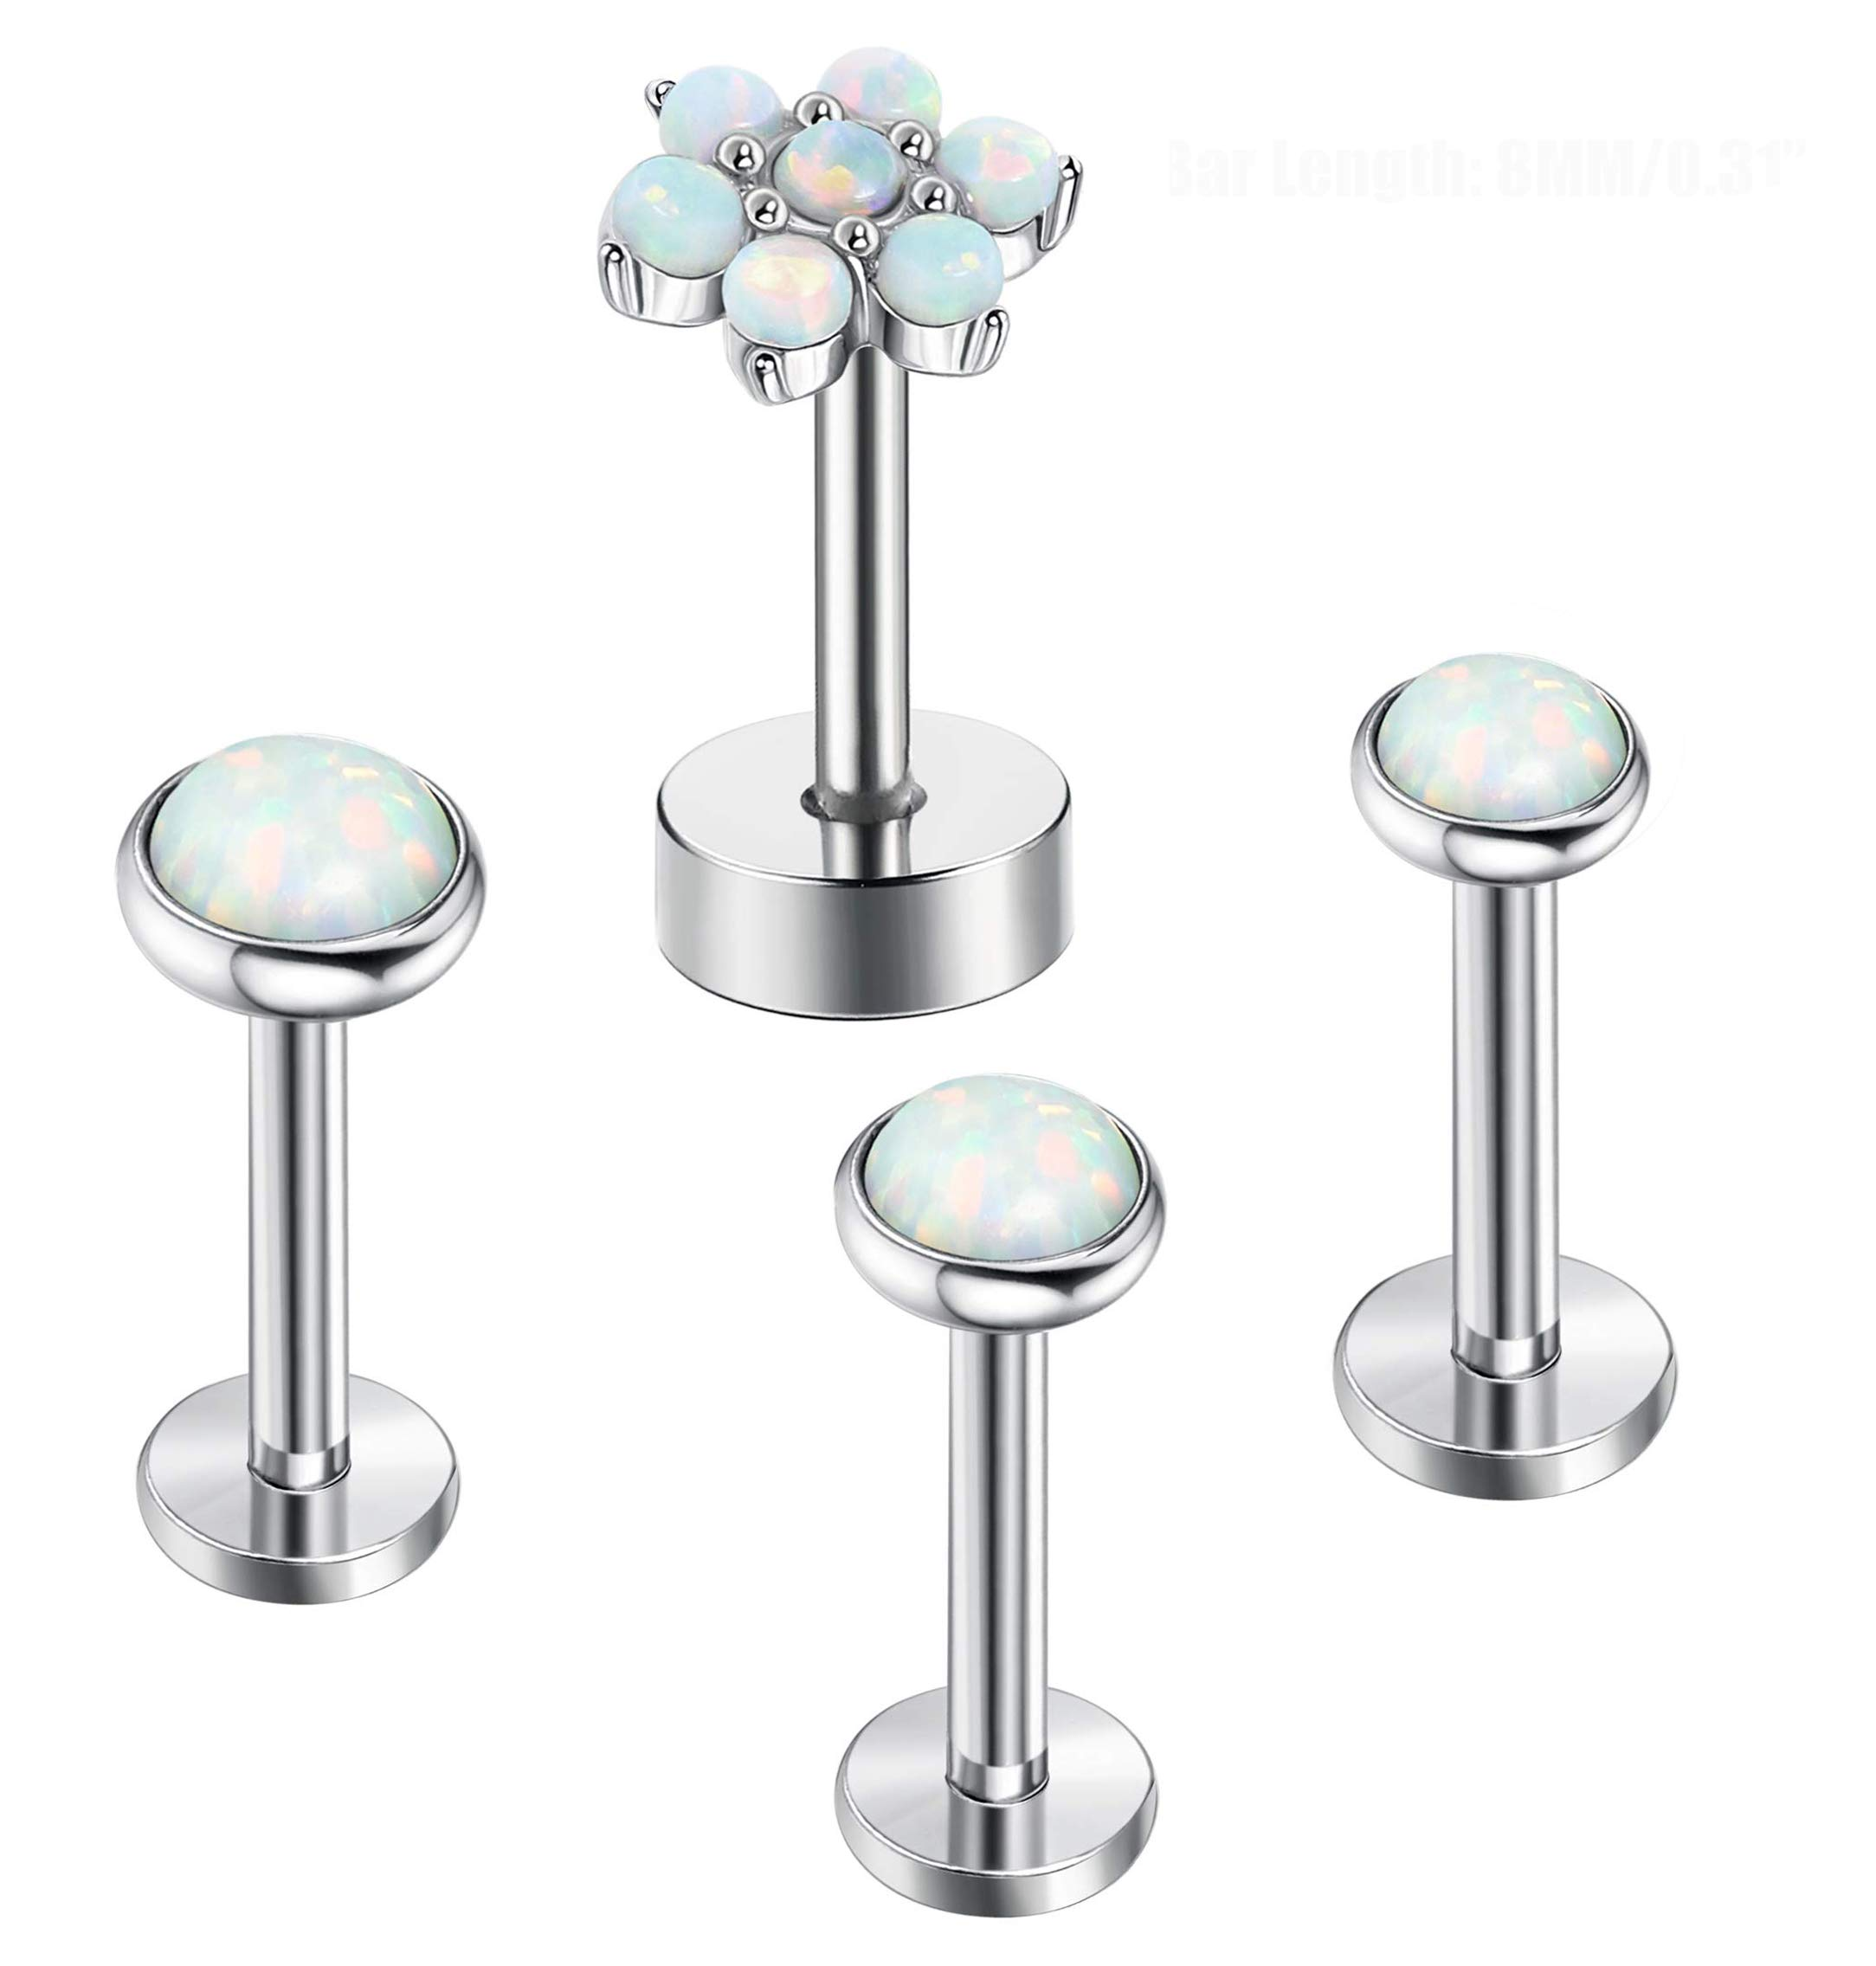 FIBO STEEL 4 Pcs 16G Stainless Steel Cartilage Stud Earrings for Women Girls Opal Targus Helix Daith Conch Ear Piercing Jewelry 6mm by FIBO STEEL